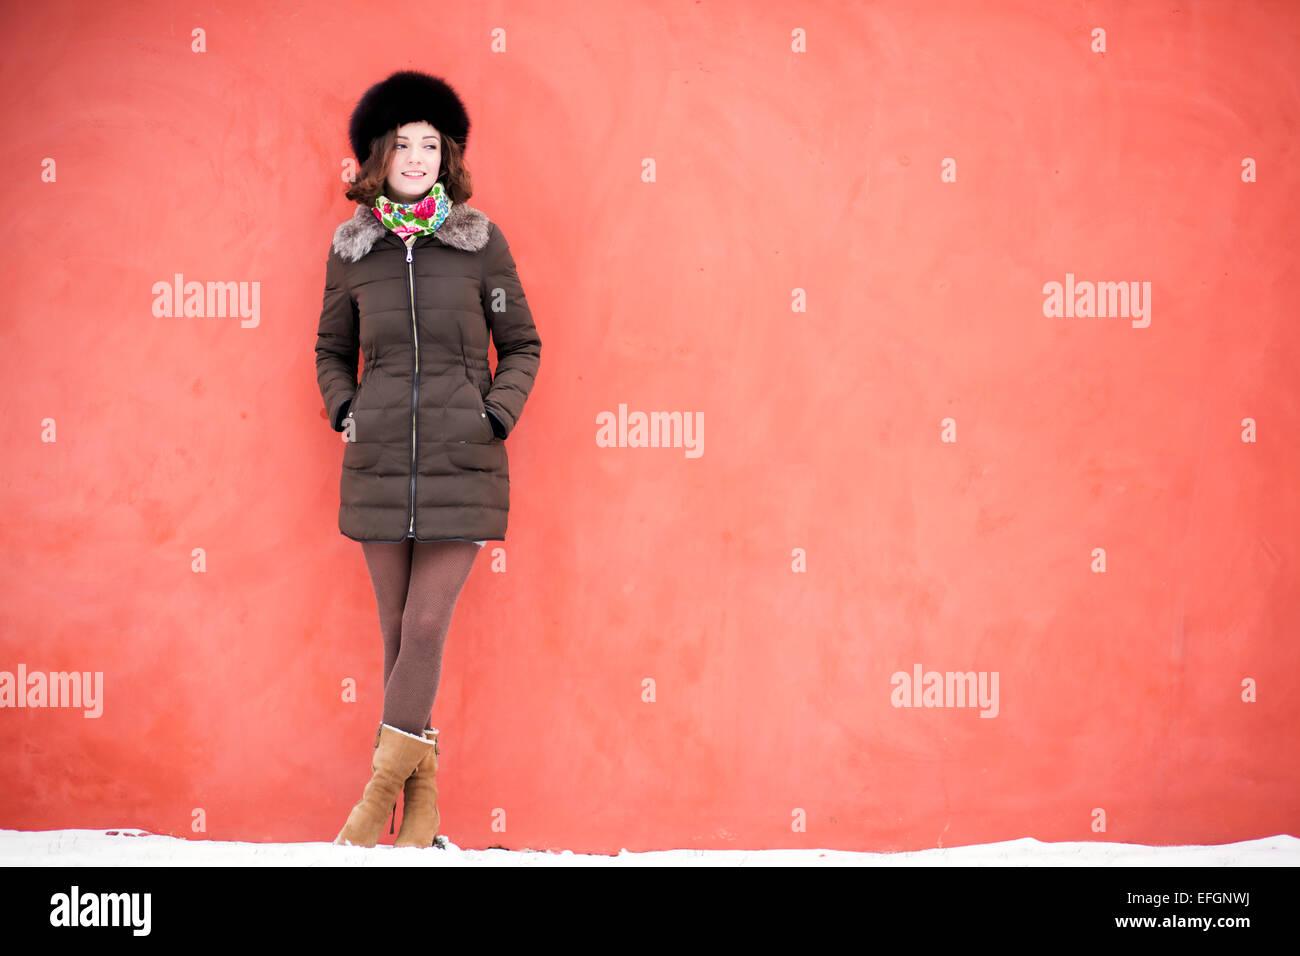 Femme est de bonne humeur près du mur rouge Photo Stock